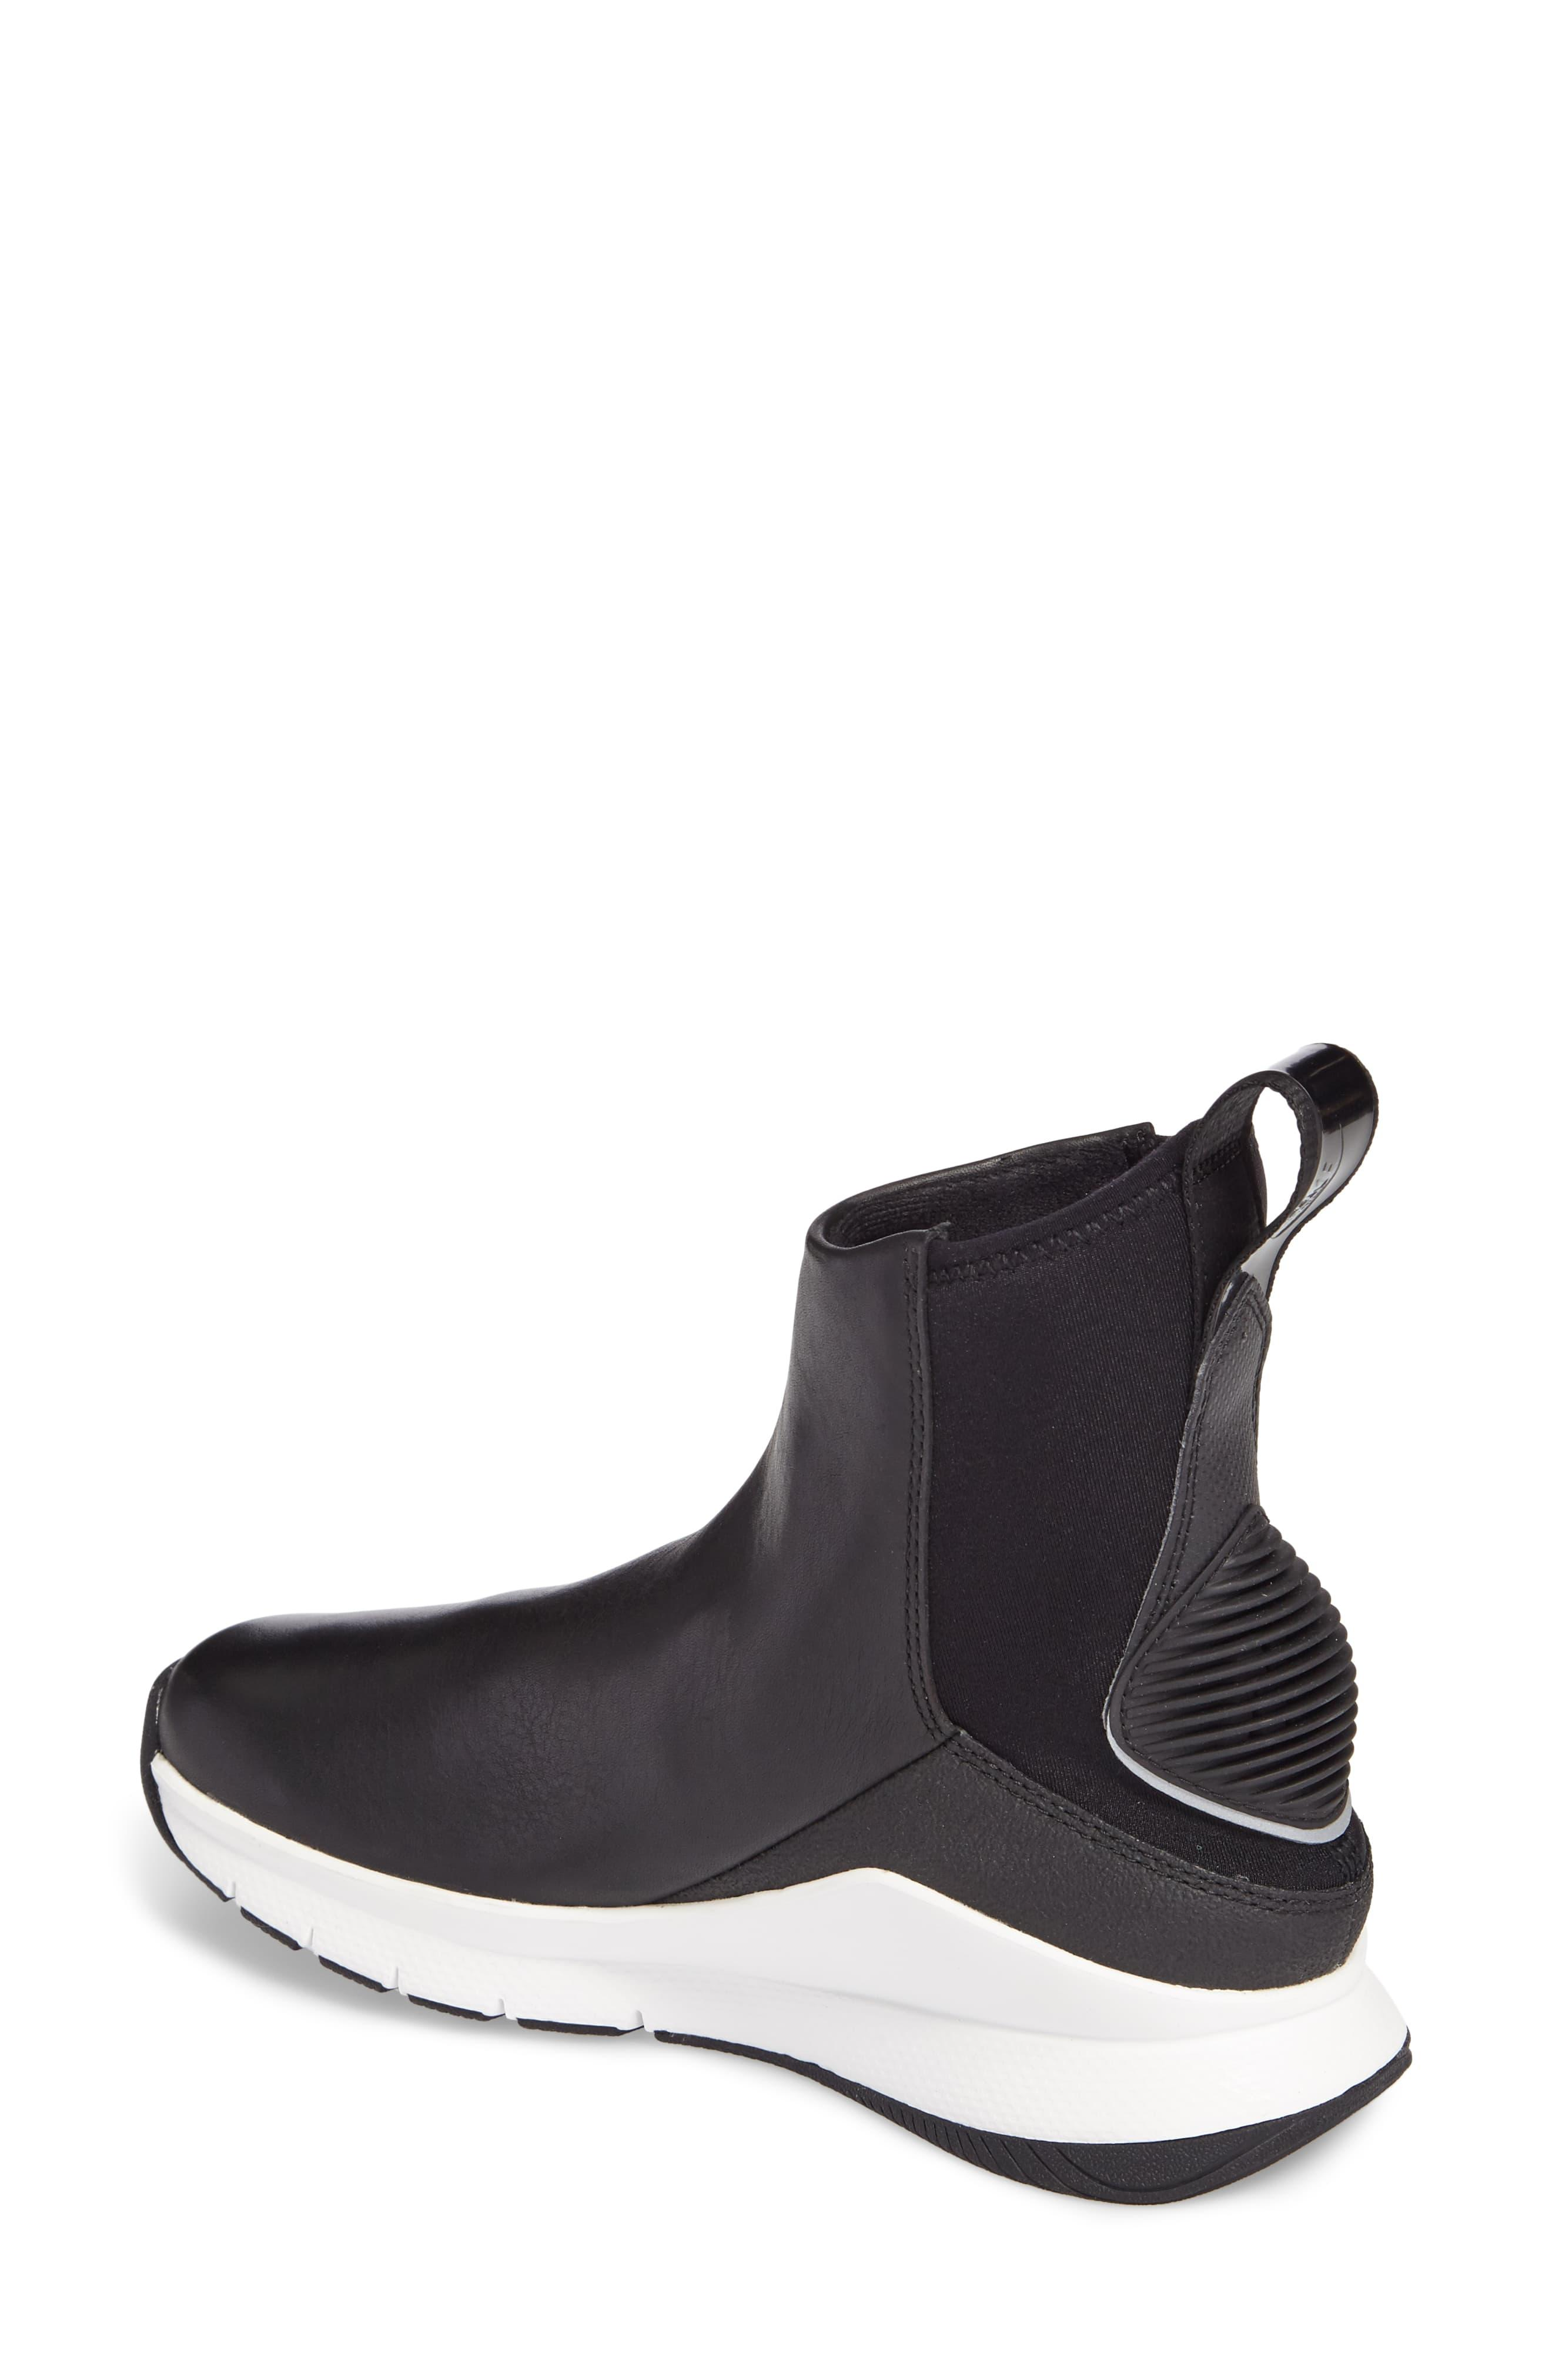 sale retailer 5b907 b30b2 Nike Rivah High Premium Waterproof Sneaker Boot in Black - Lyst